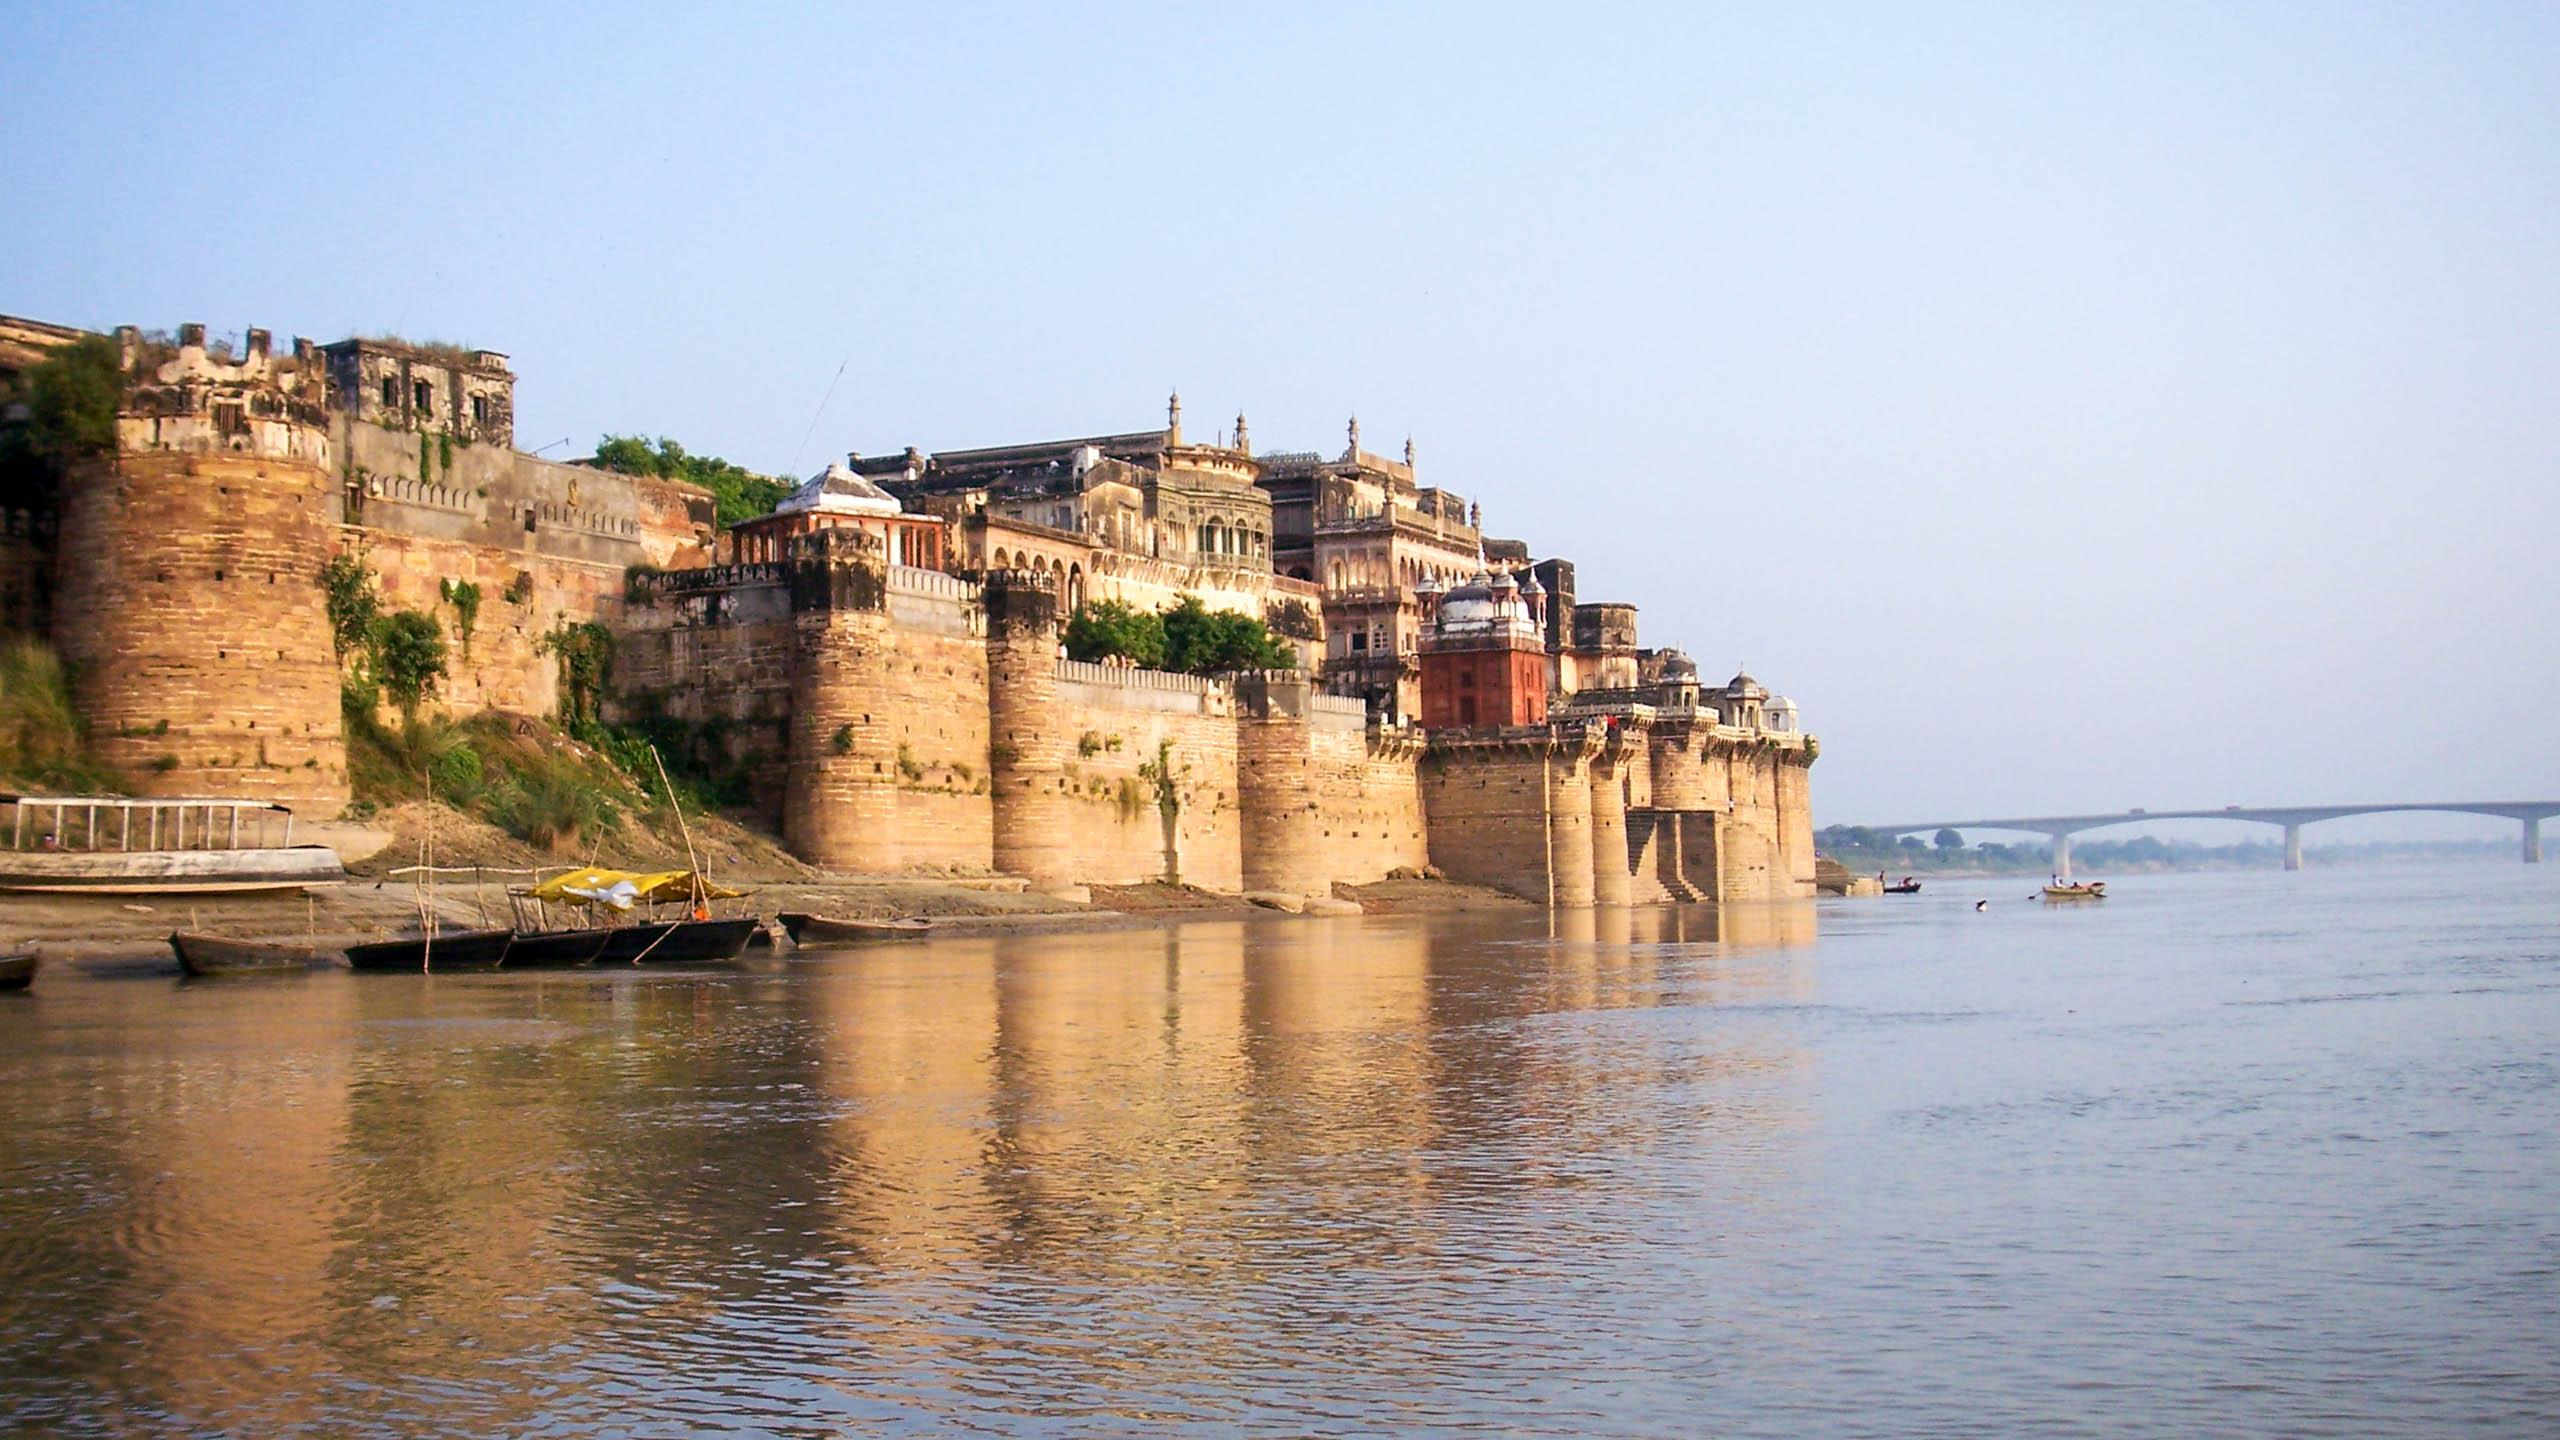 India town overlooking ocean